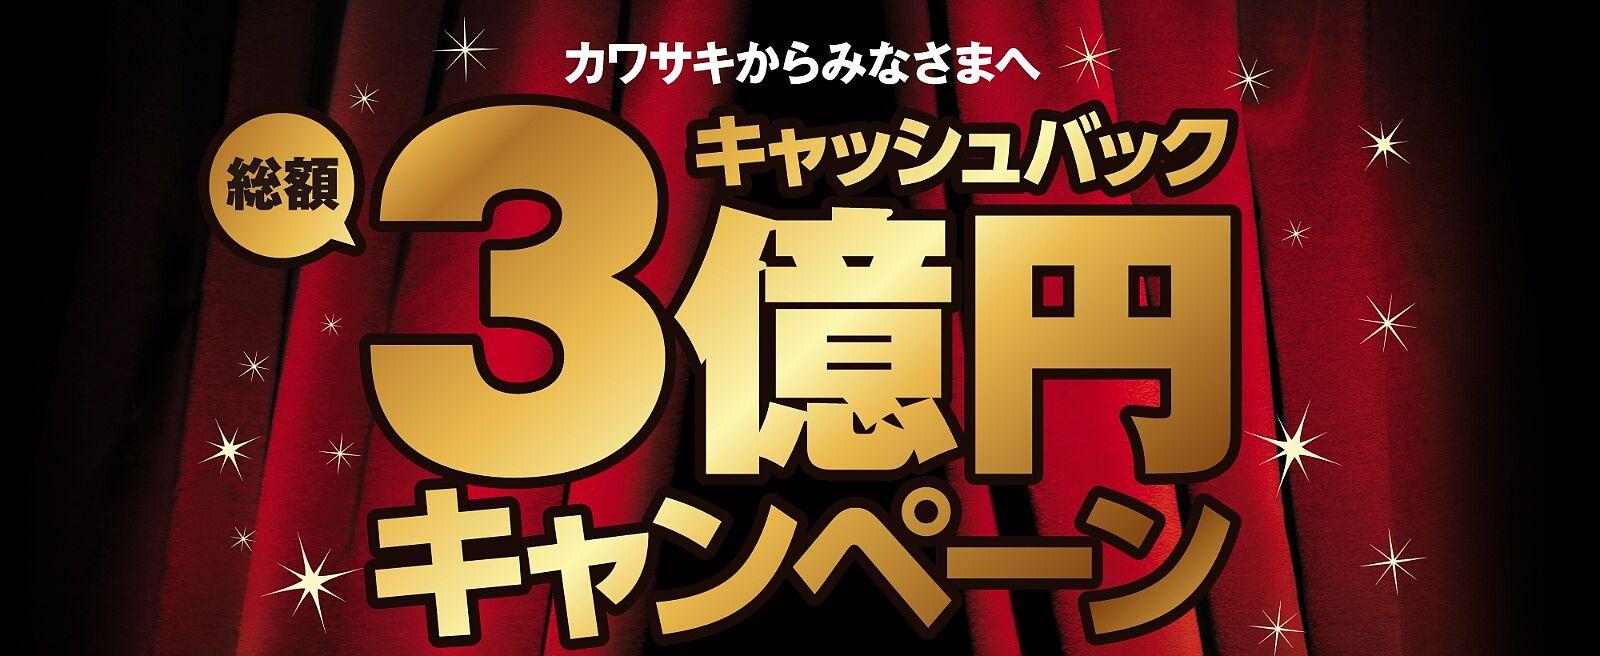 キャッシュバック総額3億円キャンペーン